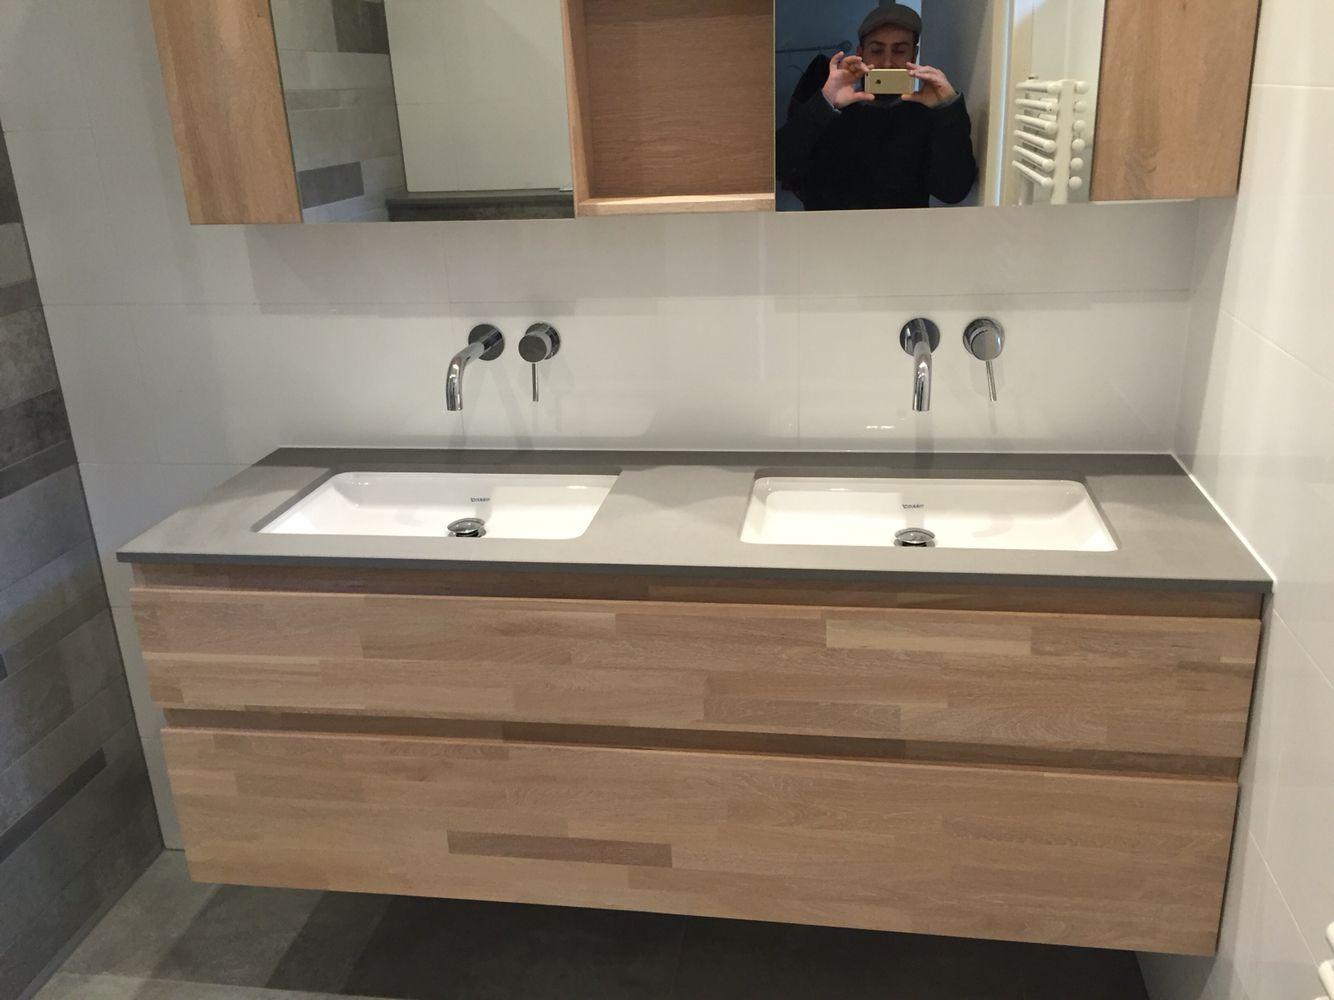 Onderbouw Wasbak Badkamer: Onderbouw. ▷ onderbouw wasbak badkamer ...